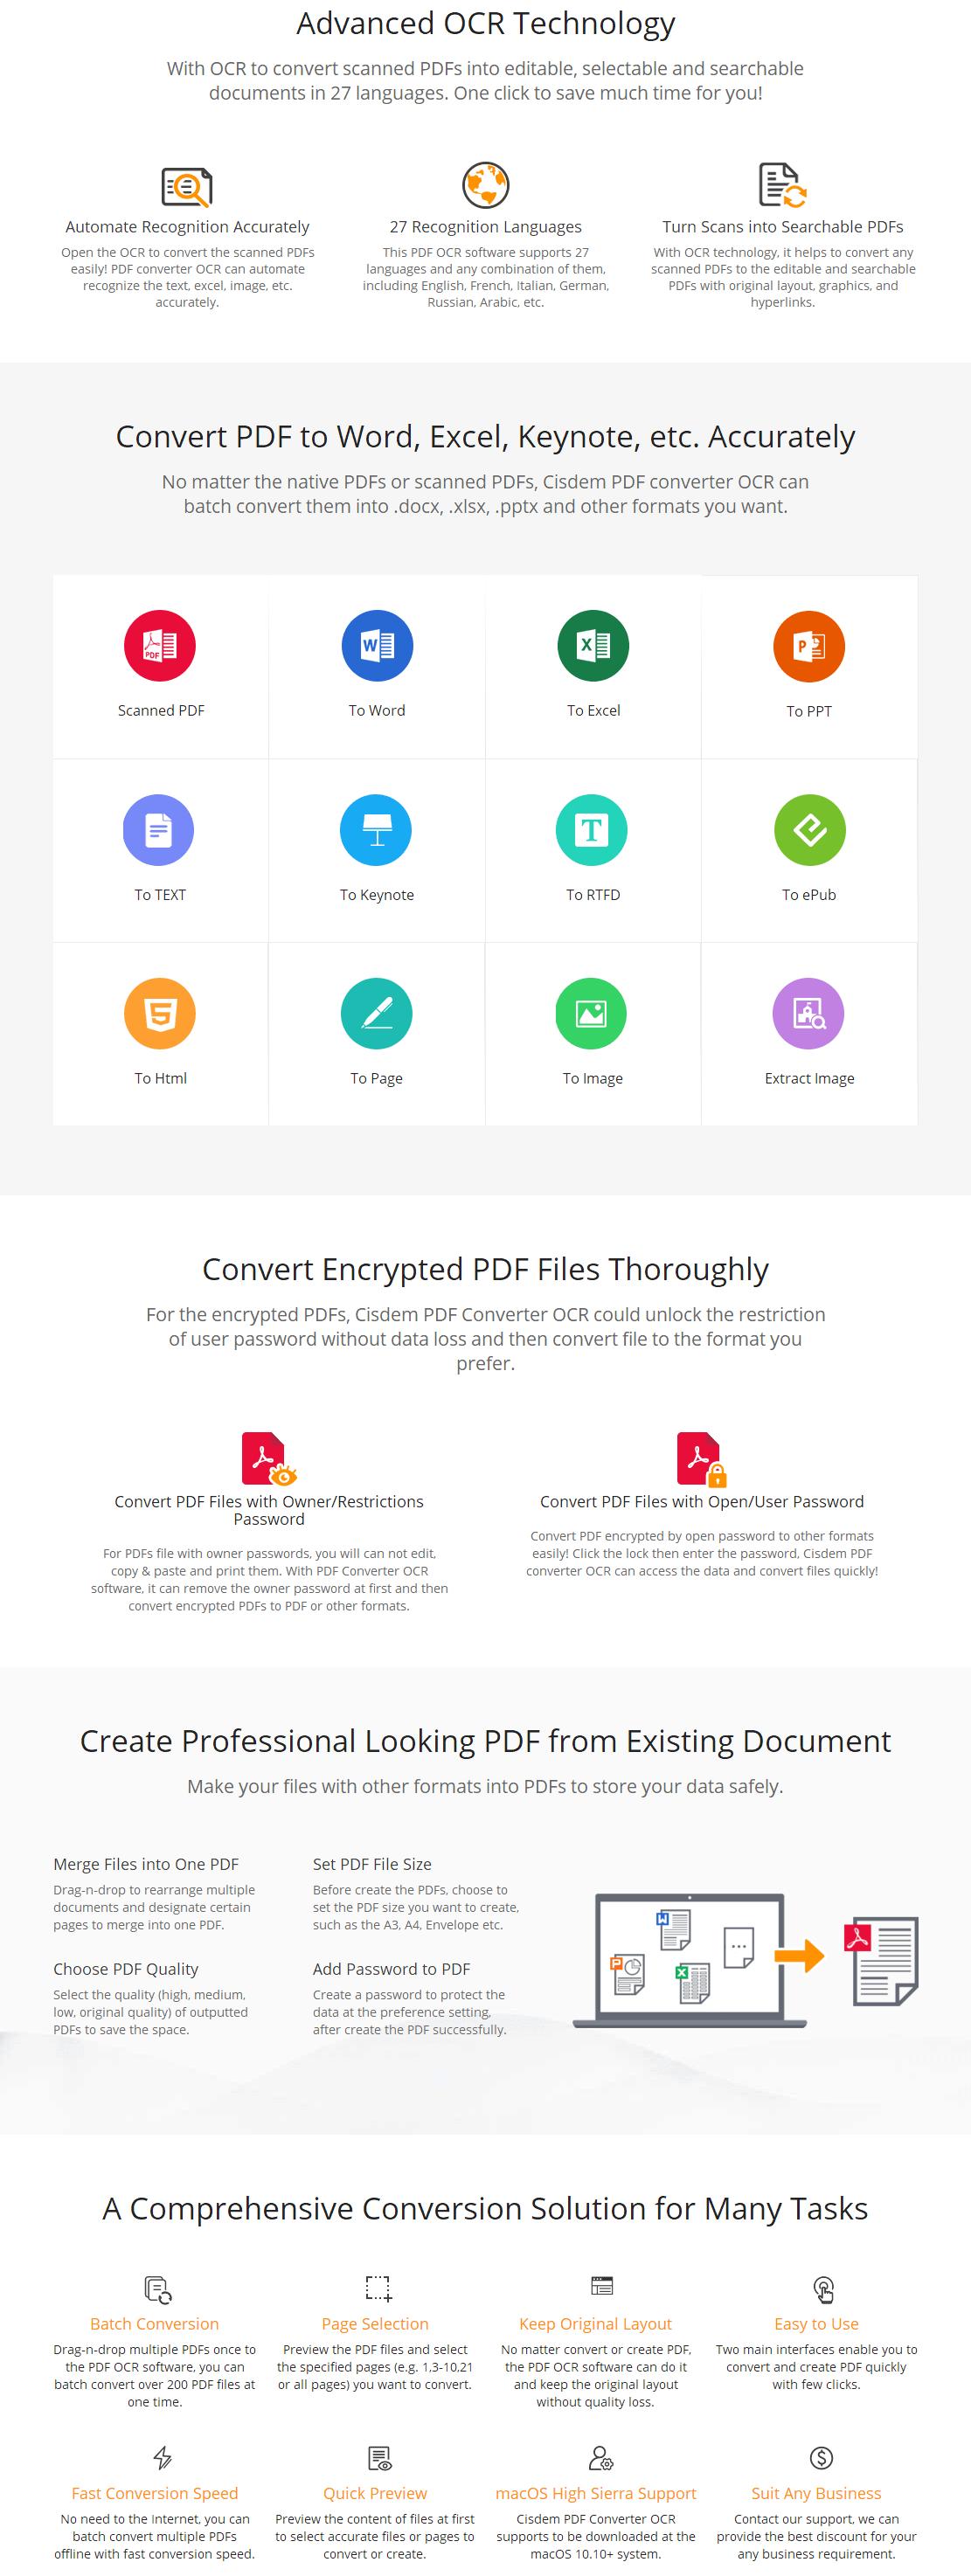 Cisdem PDFConverterOCR for Mac 45% Discount